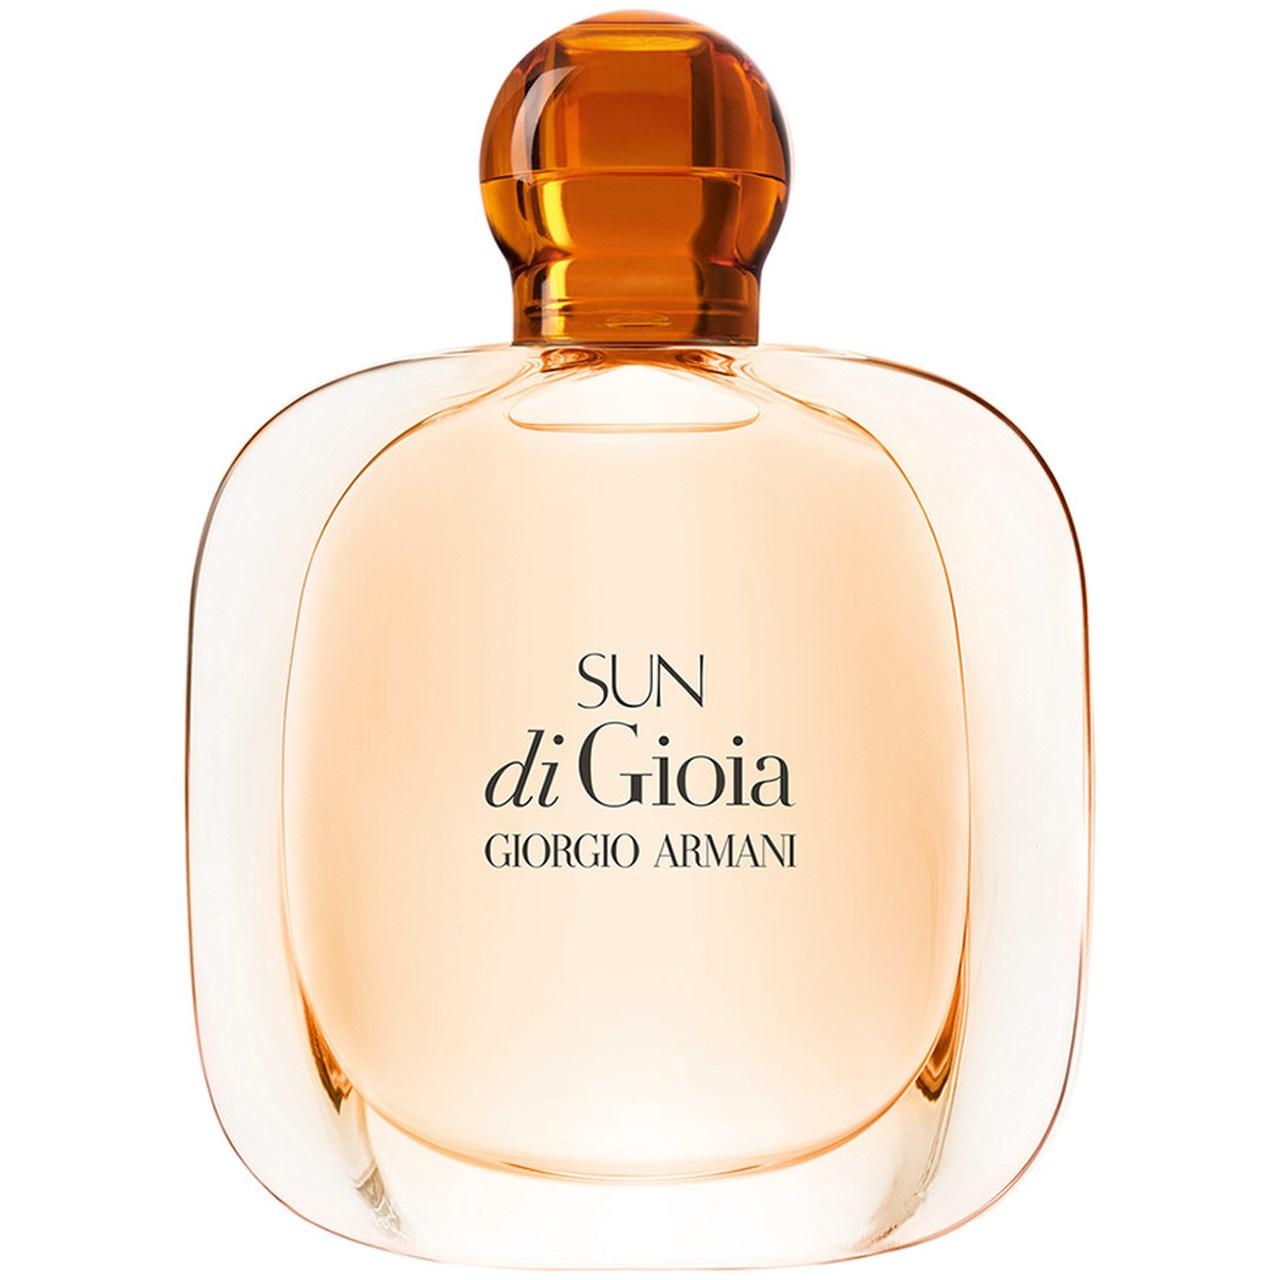 ادو پرفیوم زنانه جورجیو آرمانی مدل Sun Di Gioia حجم 100 میلی لیتر